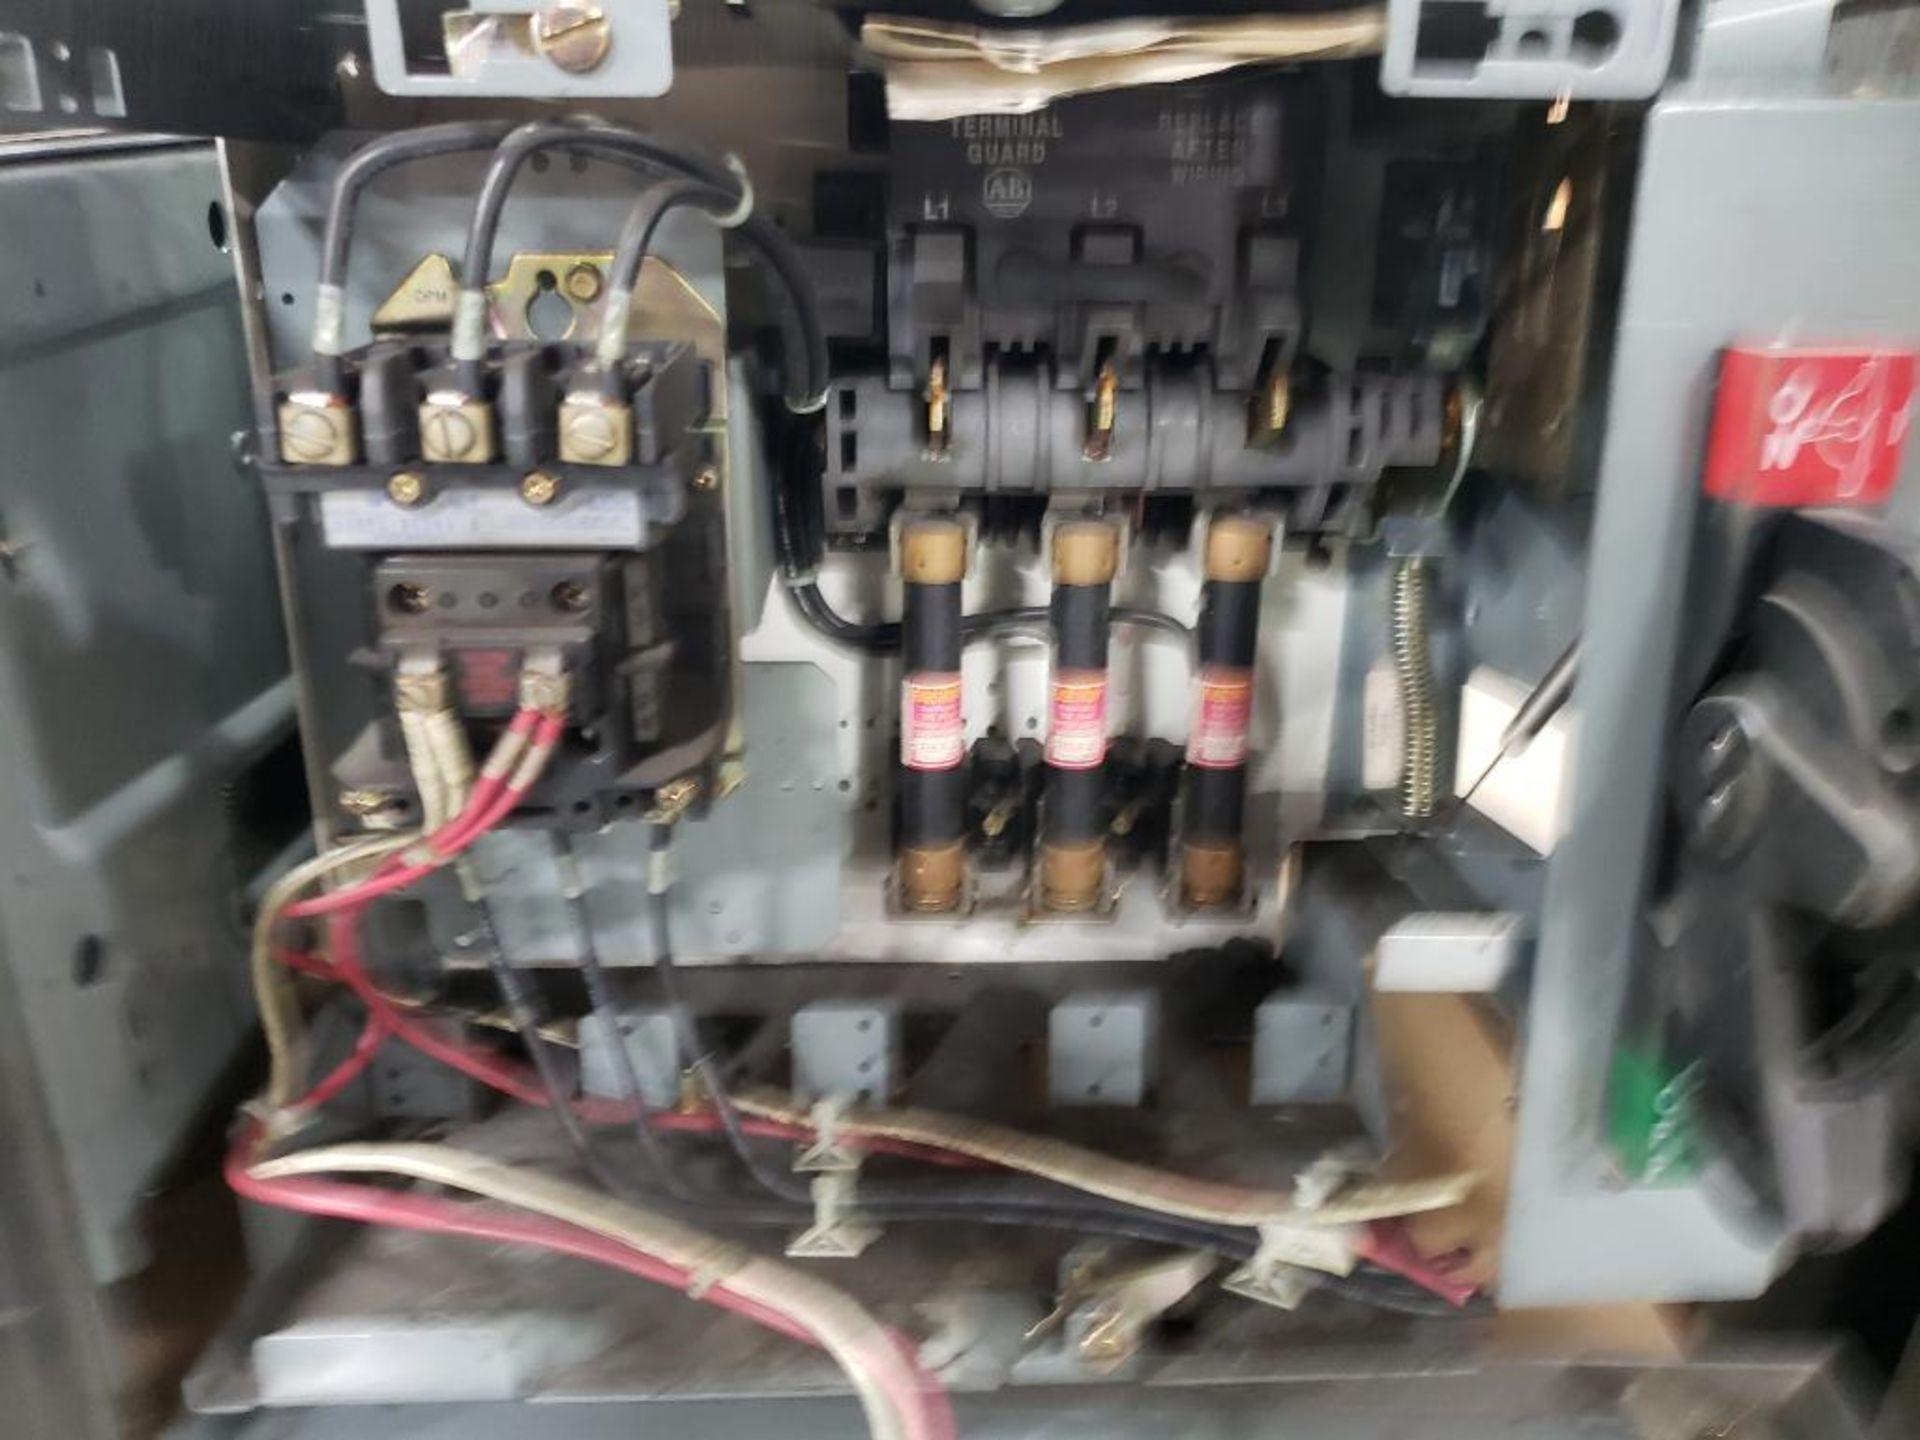 Qty 3 - Allen Bradley Motor Control bucket. 211A-B080-48-24R-41-98. - Image 4 of 9